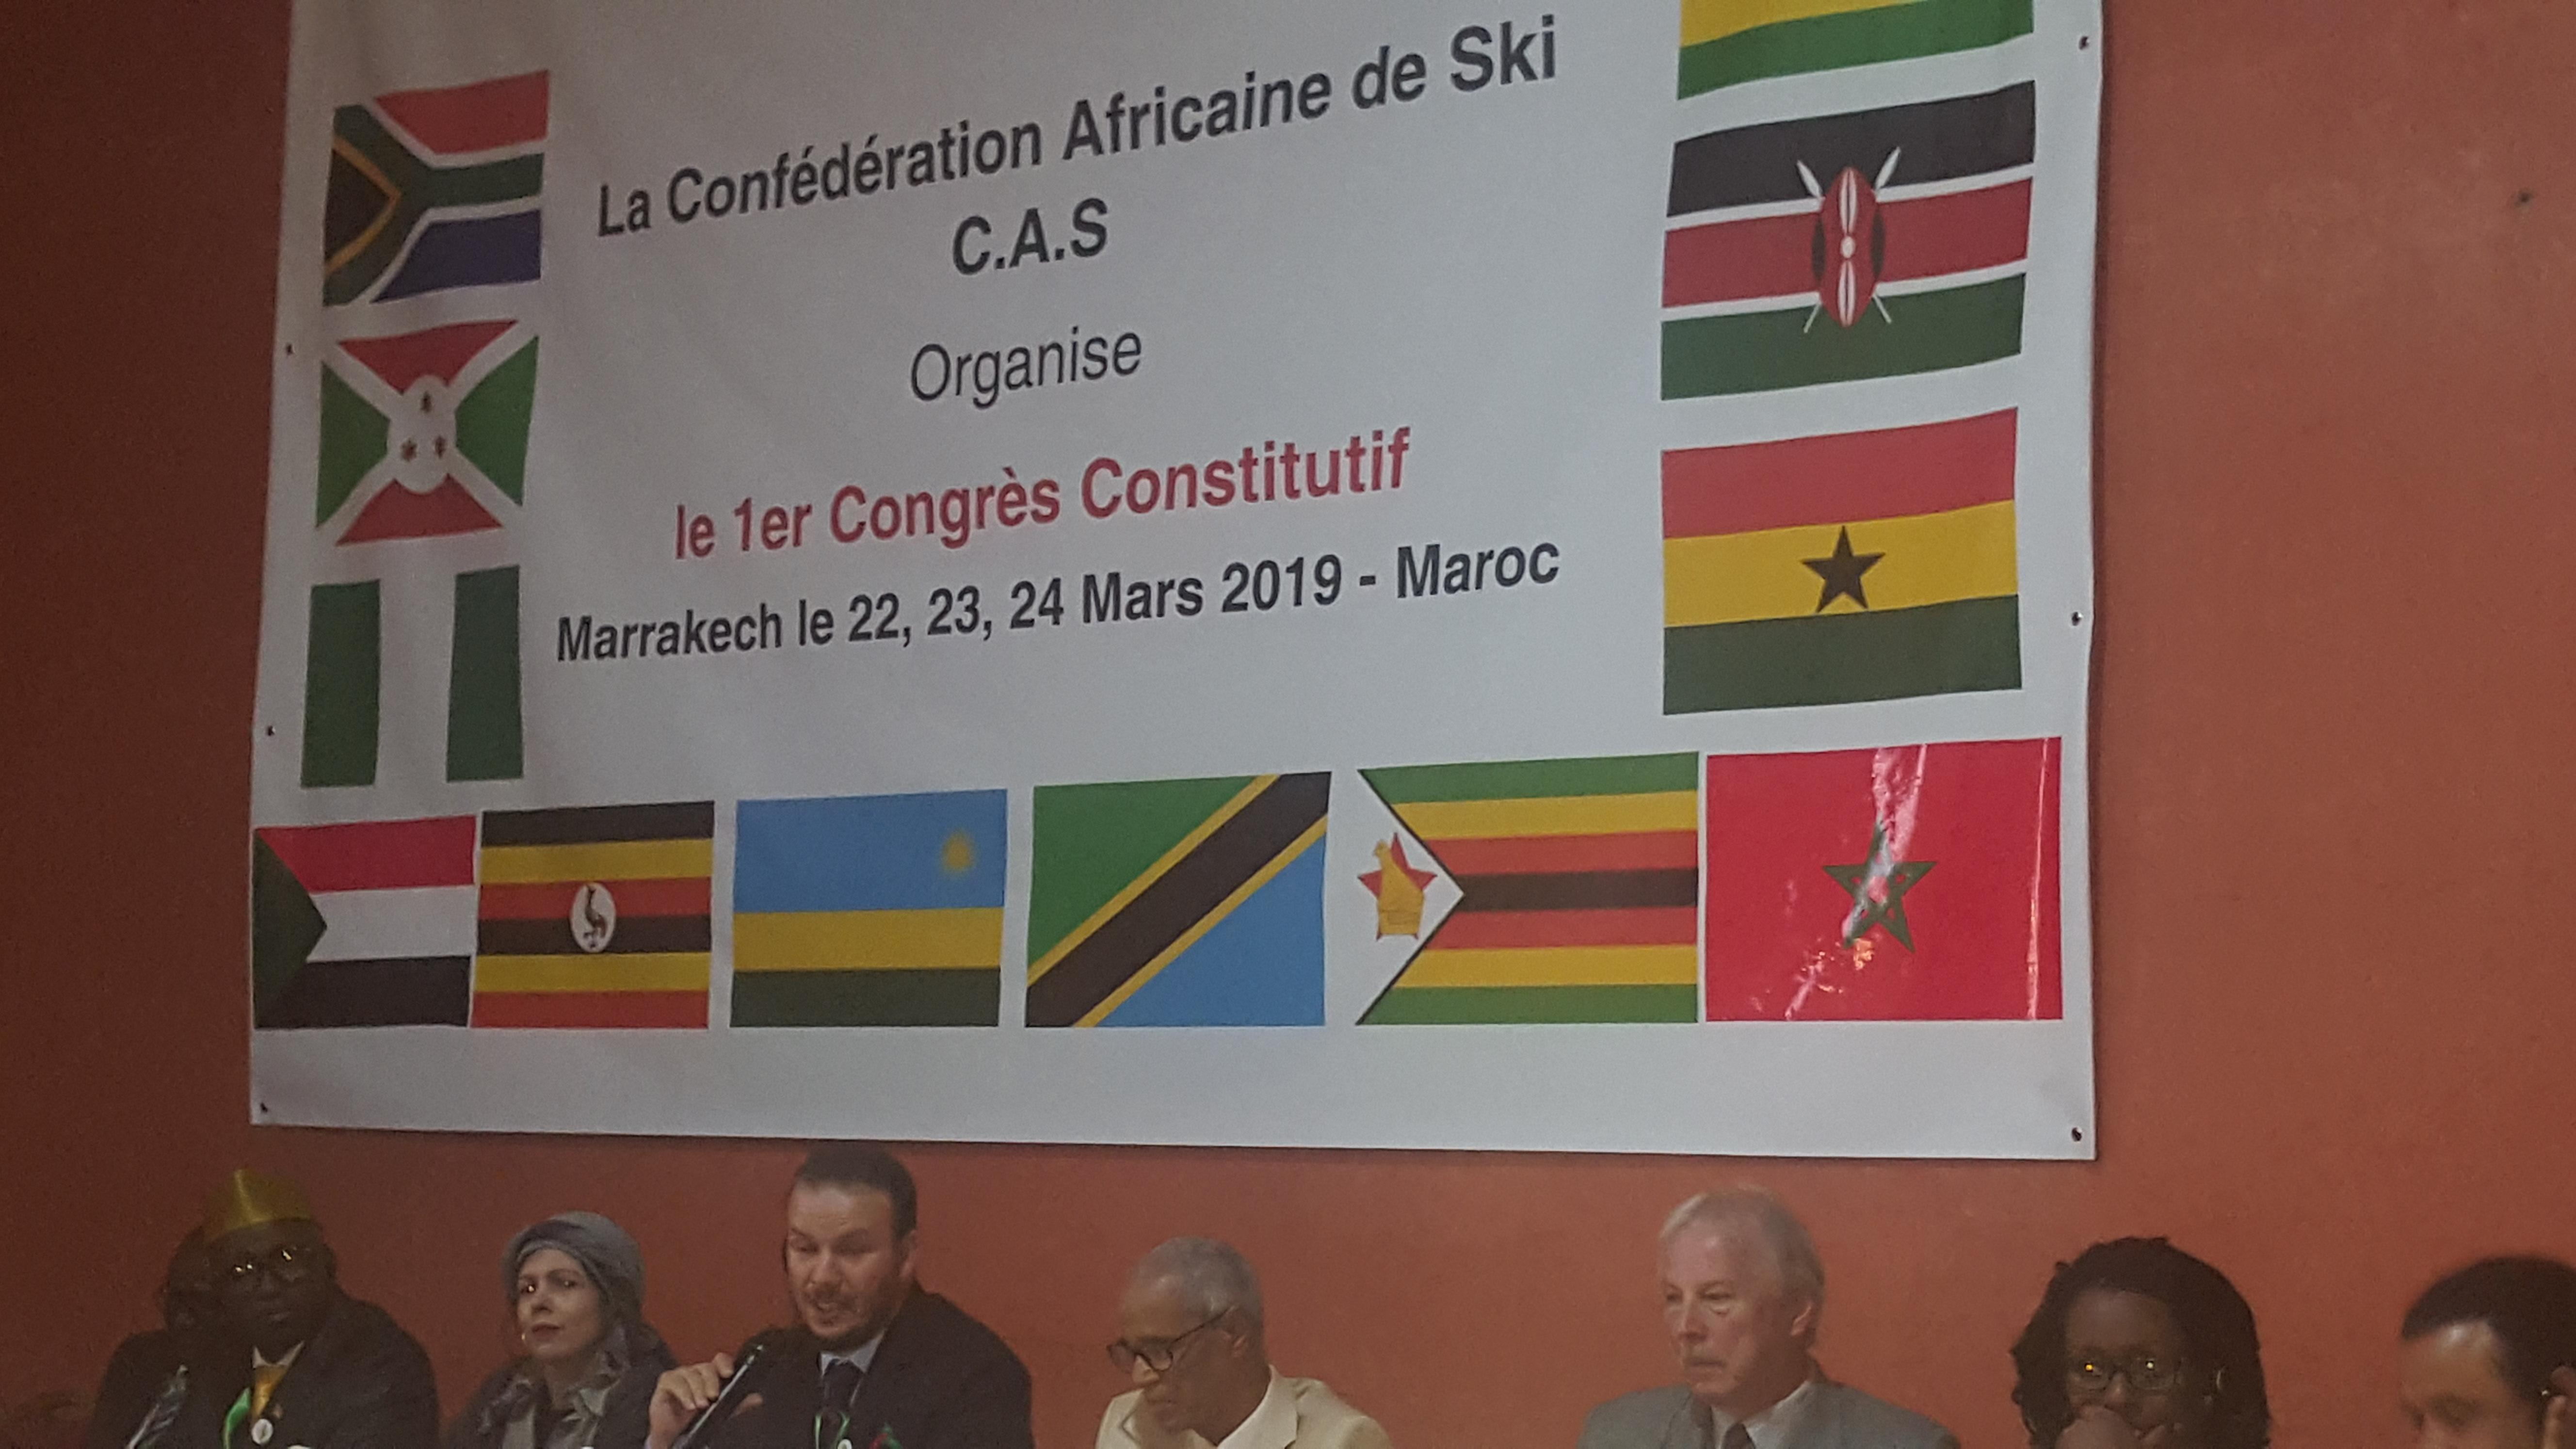 Photo of انتخاب هشام ايت وارشيخ رئيسا للاتحاد الأفريقي للتزحلق على الجليد ورياضة الجبل